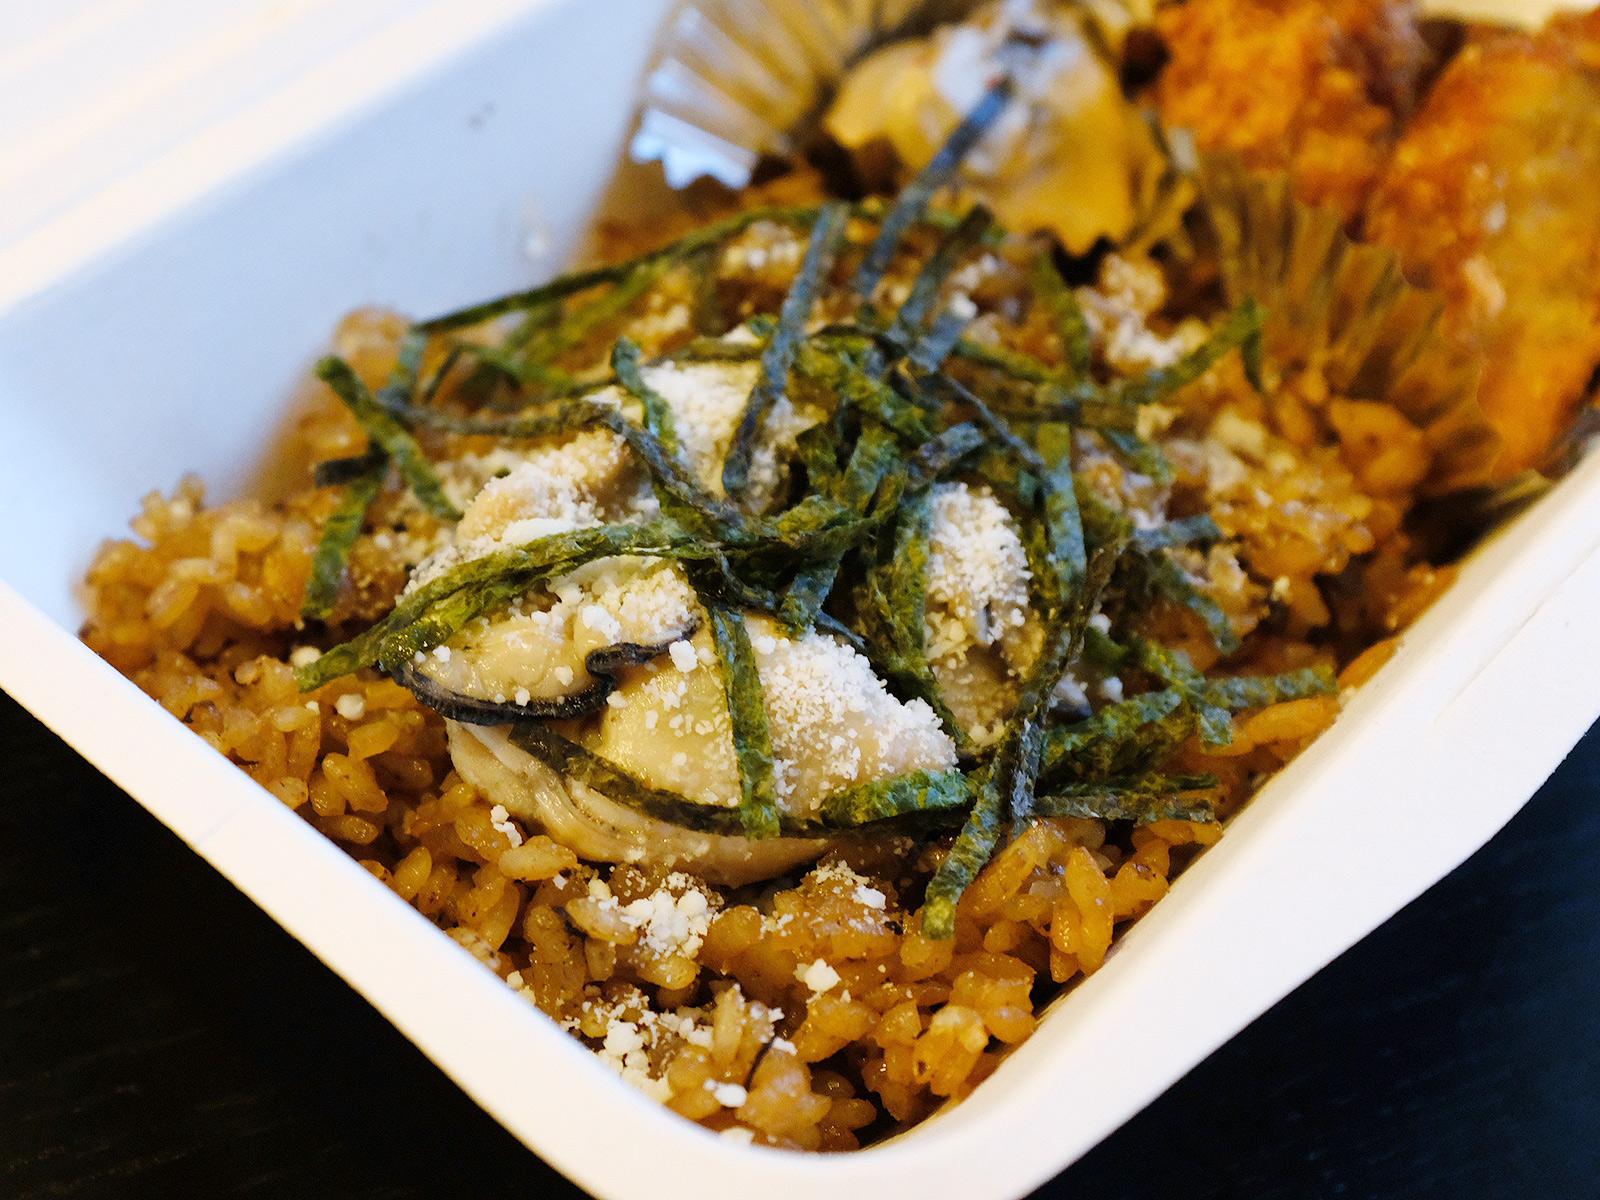 牡蠣とワインが美味しい「VINOBLE(ヴィノーブル)」のテイクアウト弁当@溜池山王